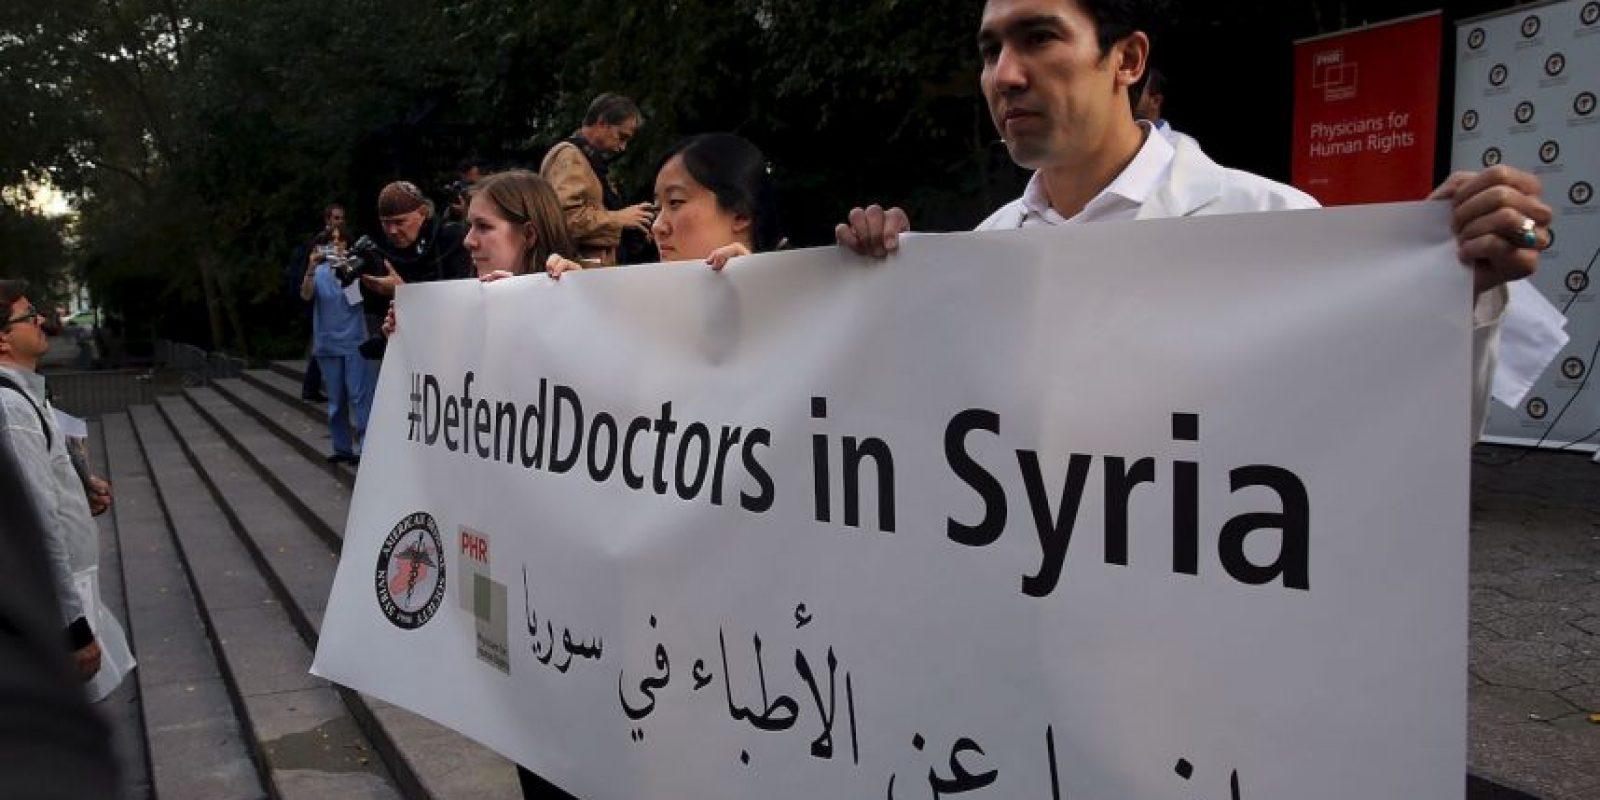 Lanzaron la campaña #DefendDoctors en el lugar. Foto:Getty Images